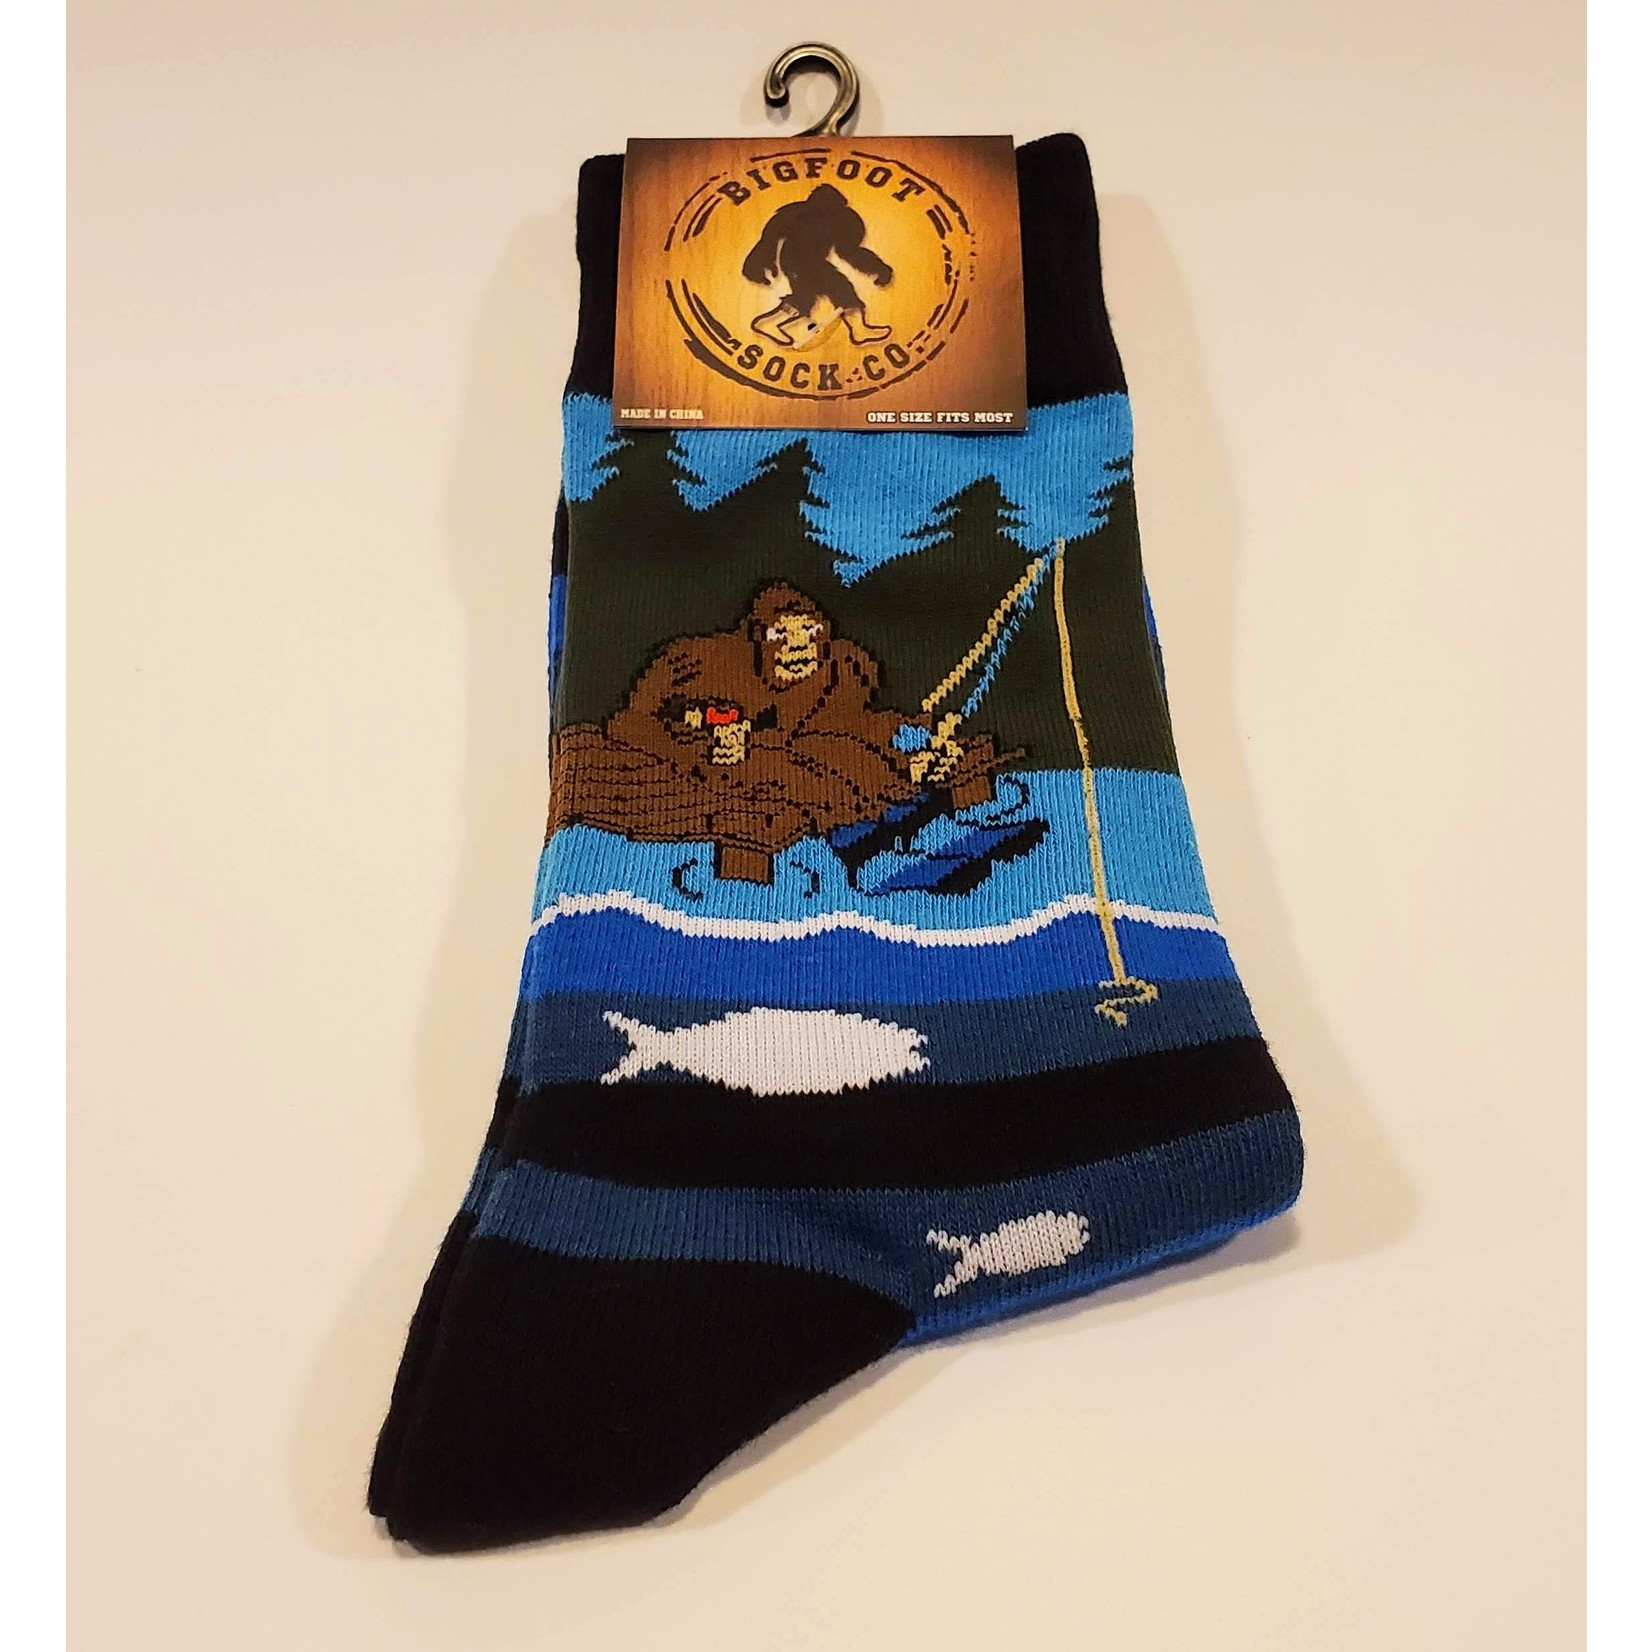 Bigfoot Bigfoot Socks BF-068M Fishing Bigfoot